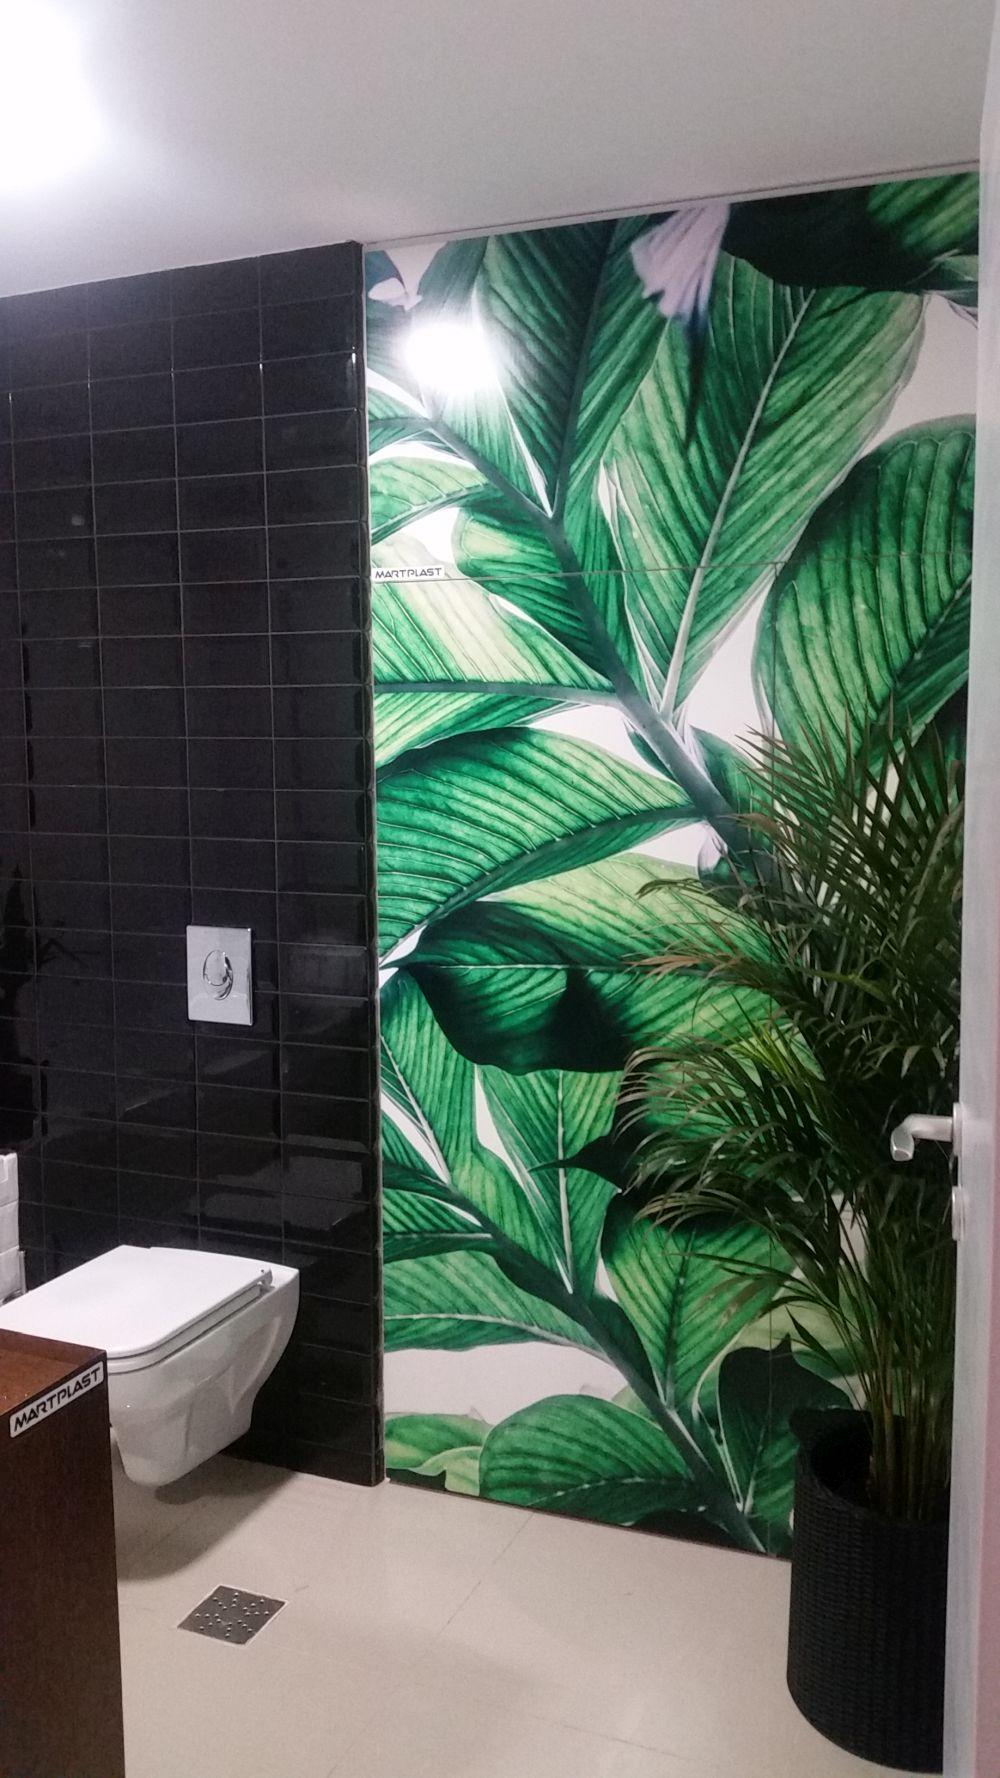 Tema florală și vegetală a fost păstrată și în baie prin prezența placările imprimate furnizate de către Martplast.